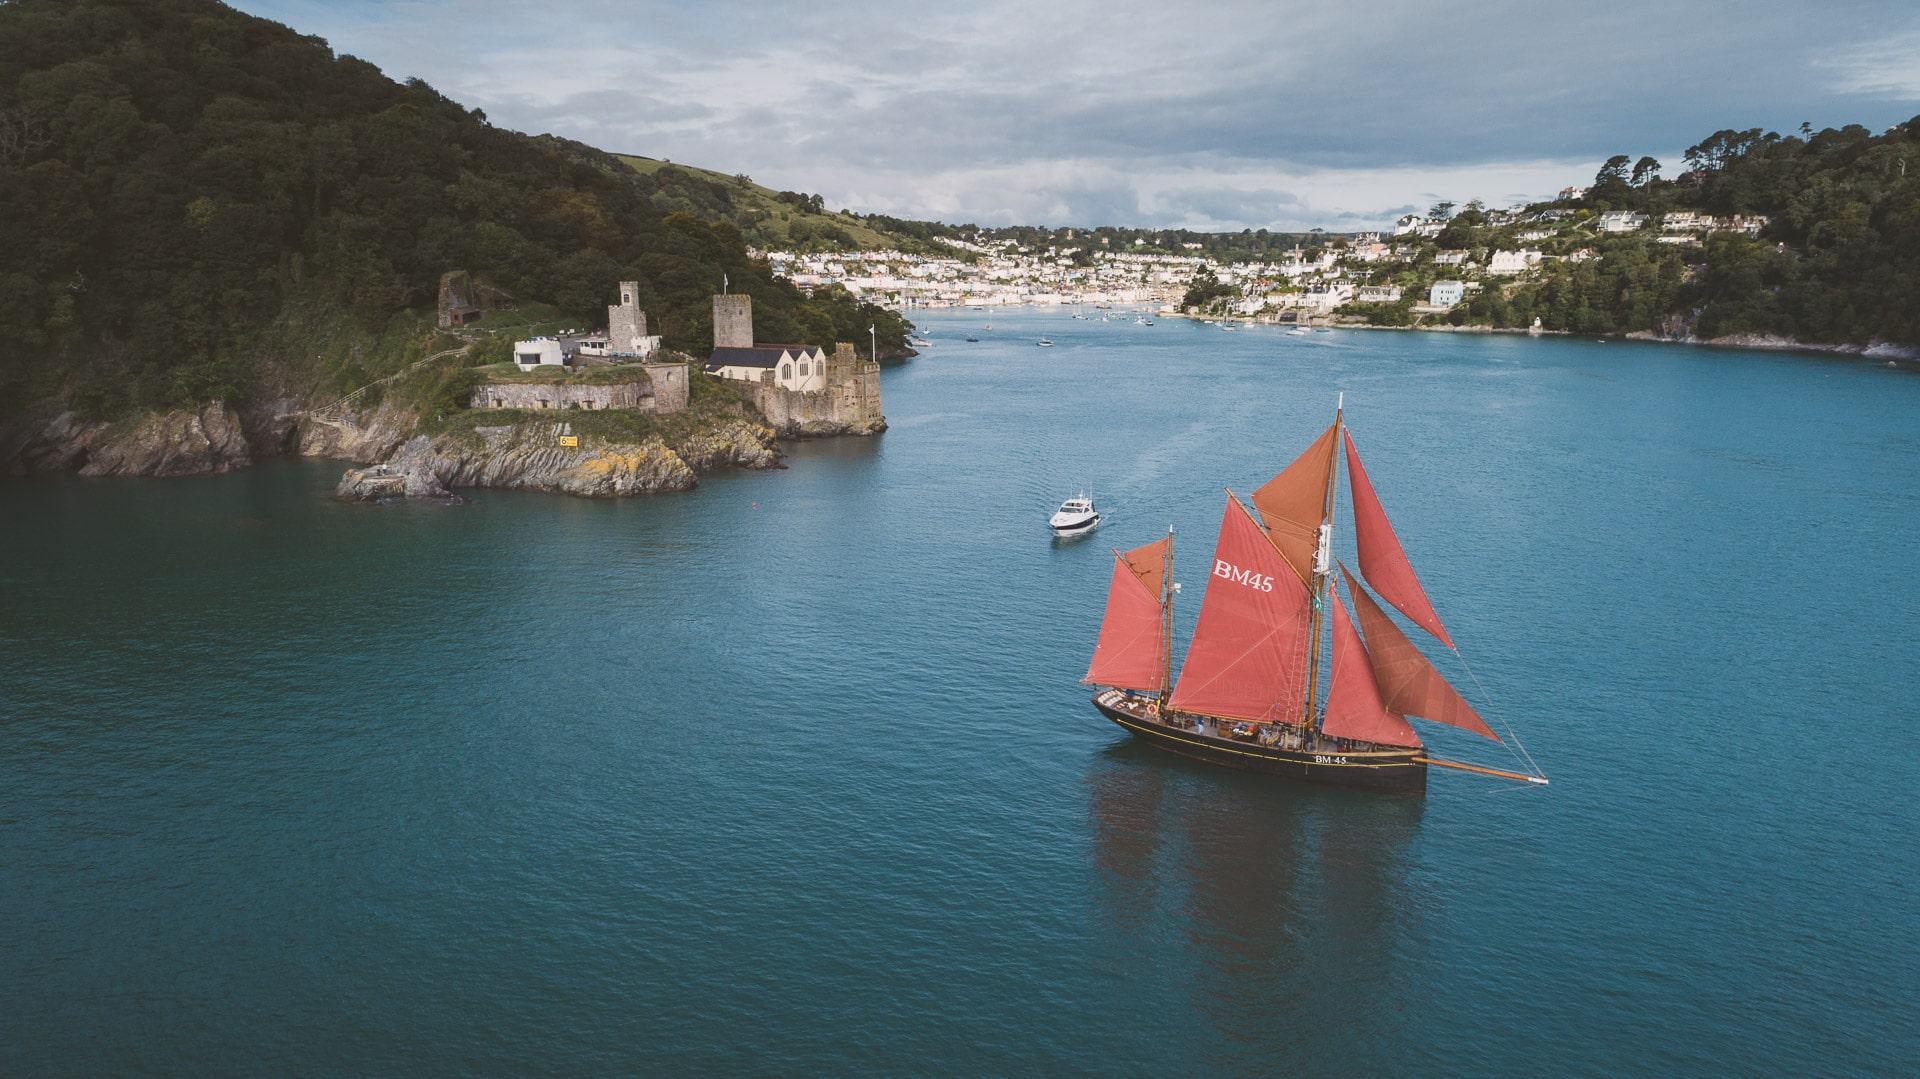 Pilgrim of Brixham Dartmouth sailing